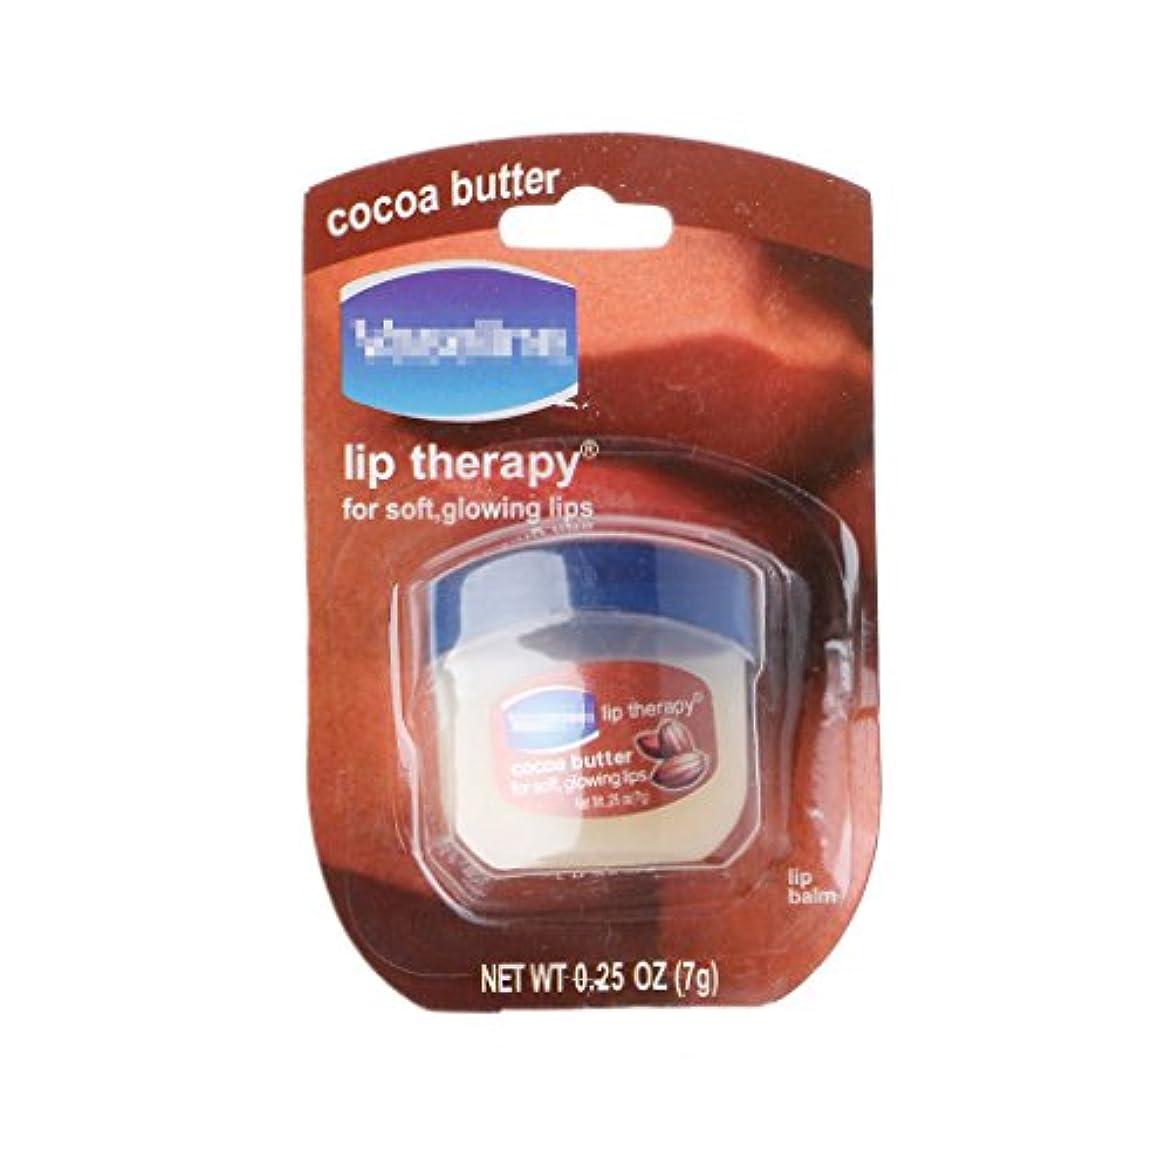 うるさいに対応するインデックスManyao 身体の顔のための純粋な石油ゼリースキンプロテクターモイスチャライザーワセリンクリーム (NO.1)